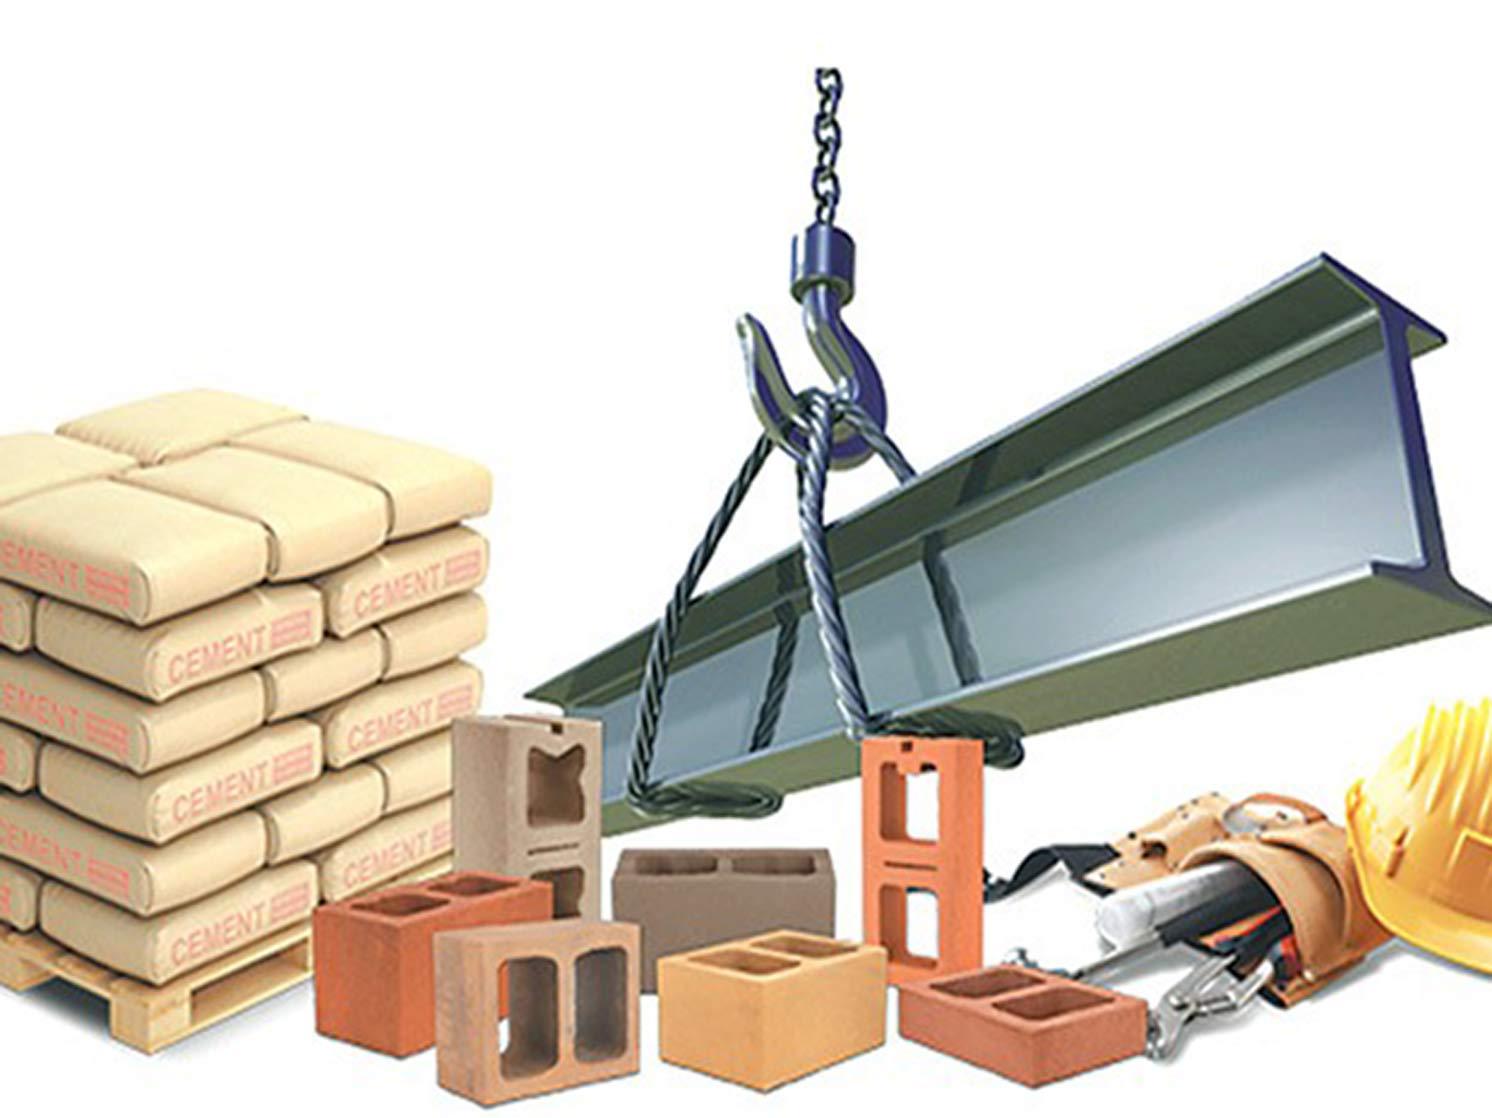 واردات مصالح ساختمانی با وجود ظرفیت بالای تولید محصولات ایرانی/ آیا سازه های خارجی کیفیت لازم را دارند؟